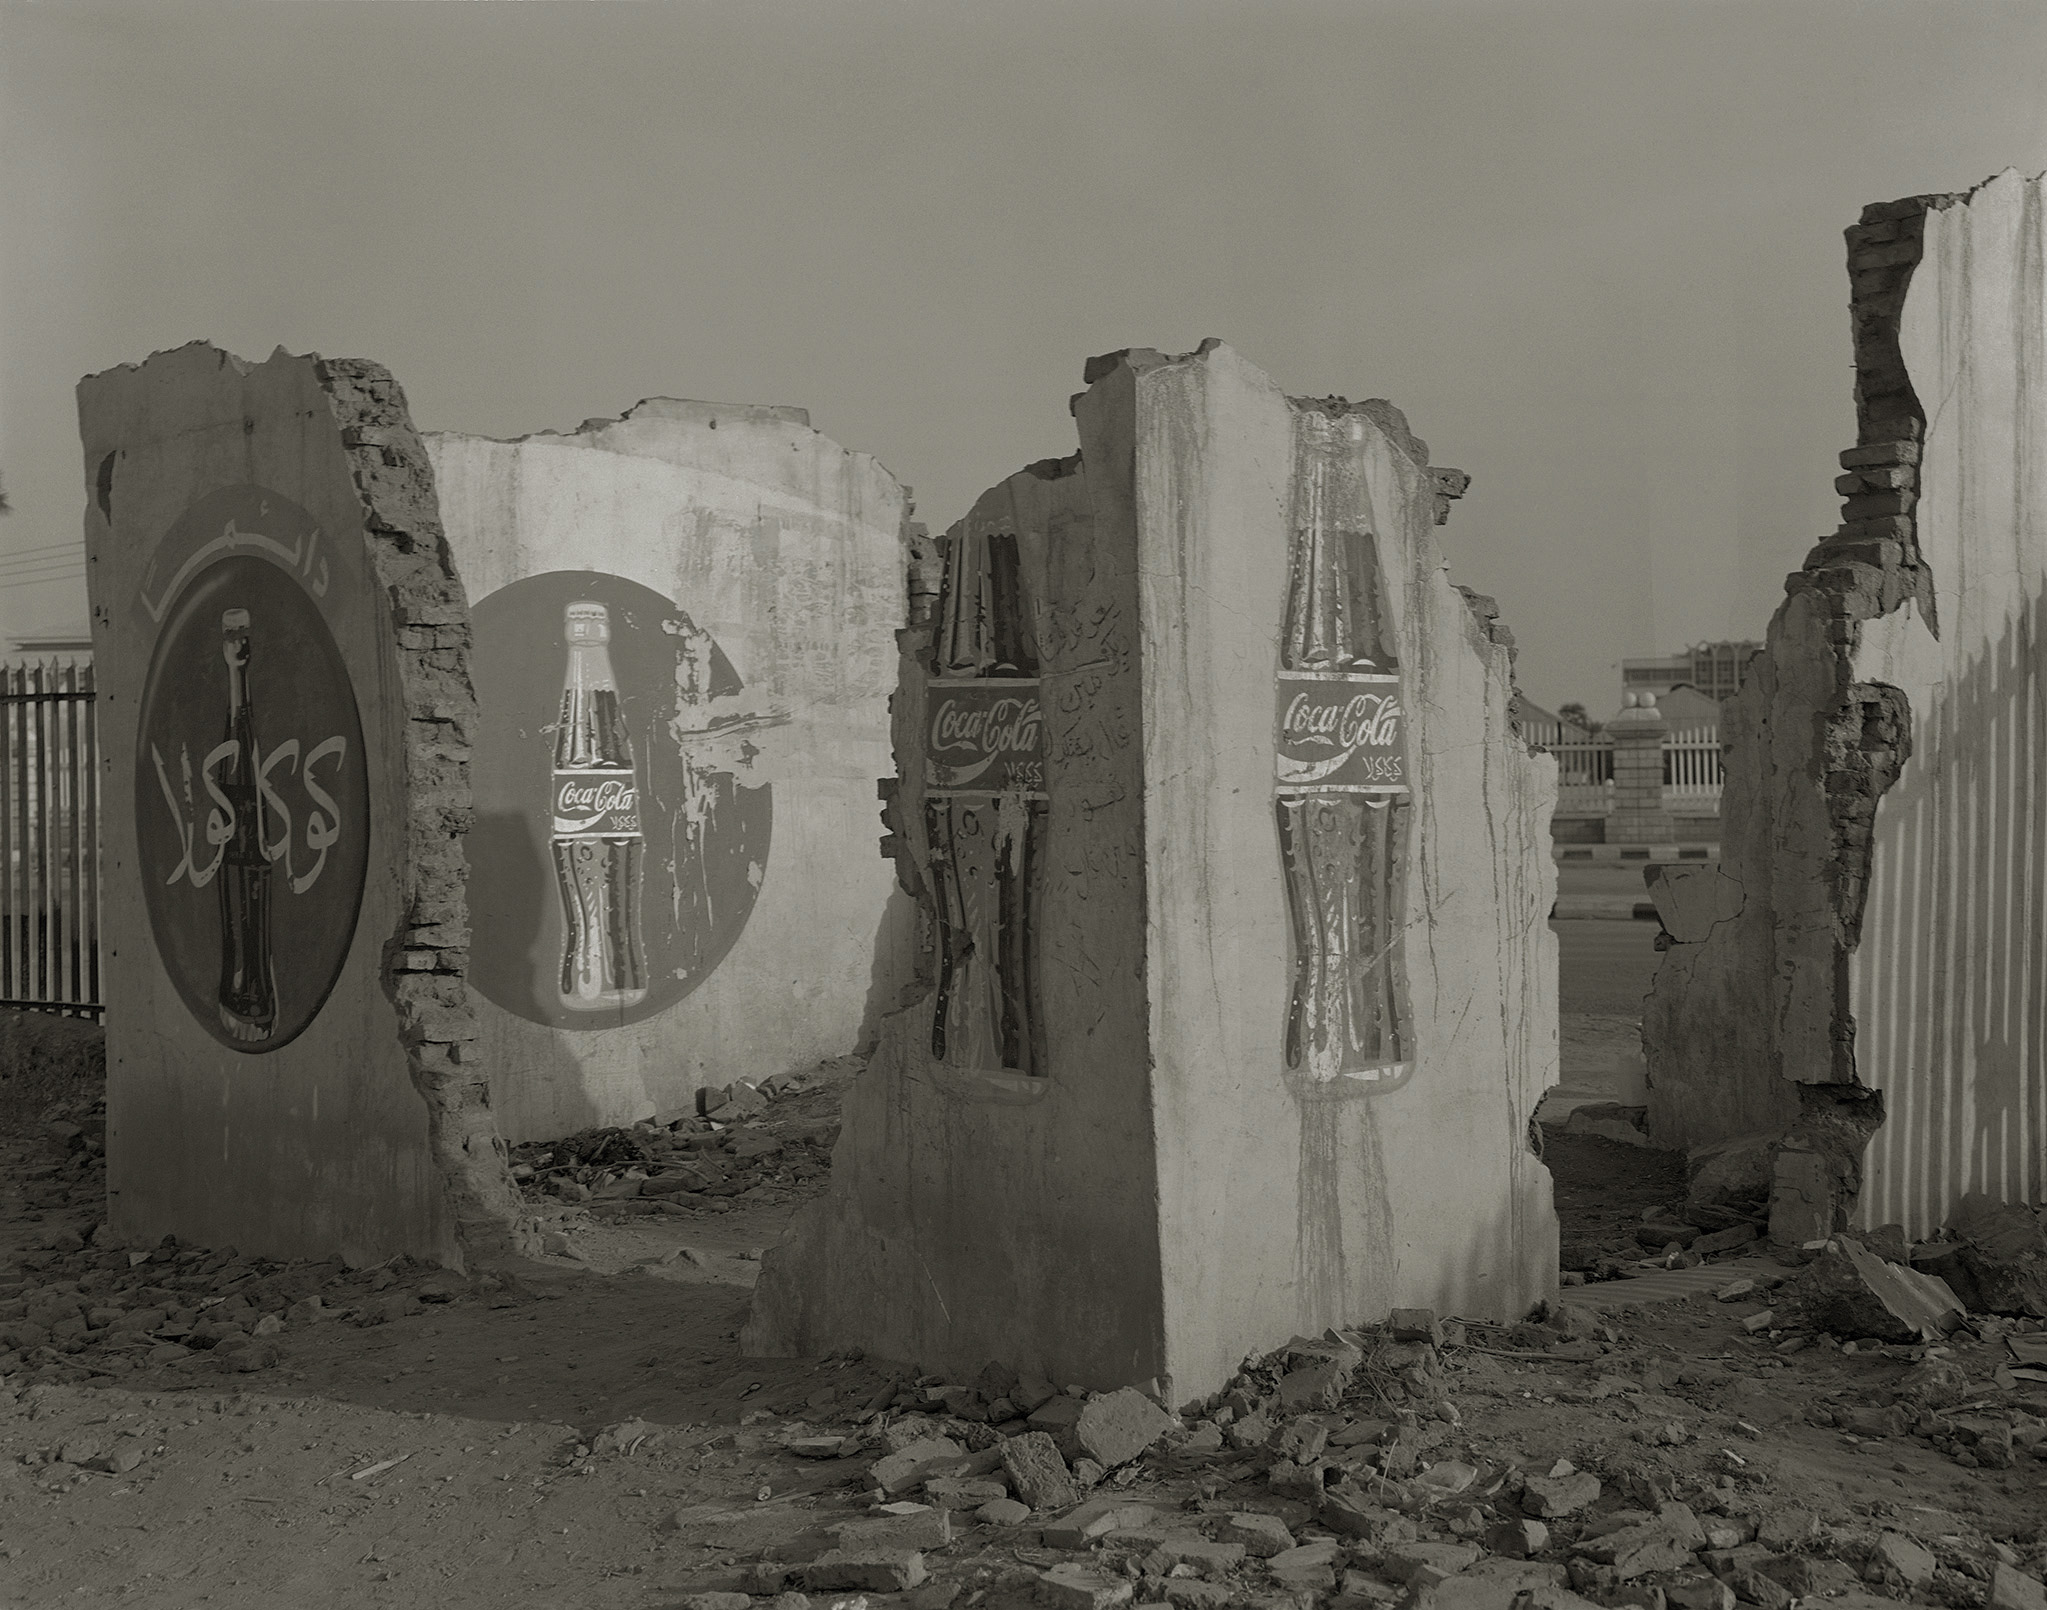 Claude Iverné, Remains of a cafeteria, Jardin du 6 avril, Khartoum, June 2001